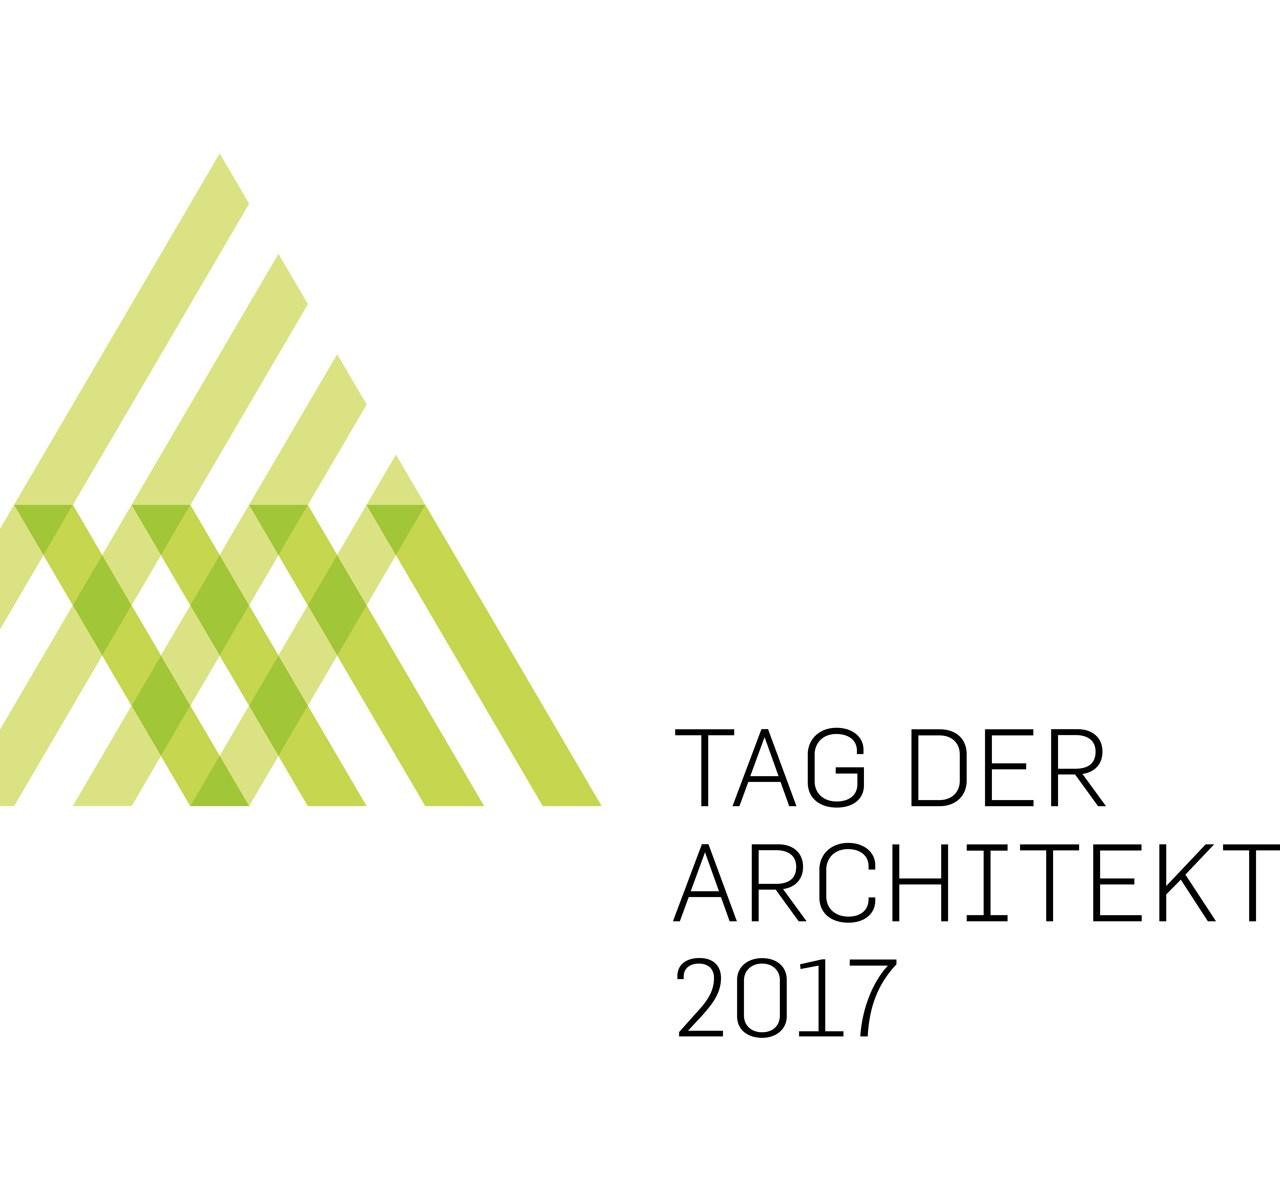 Architekt Rheine aktuelles michael ooyen architekt bda